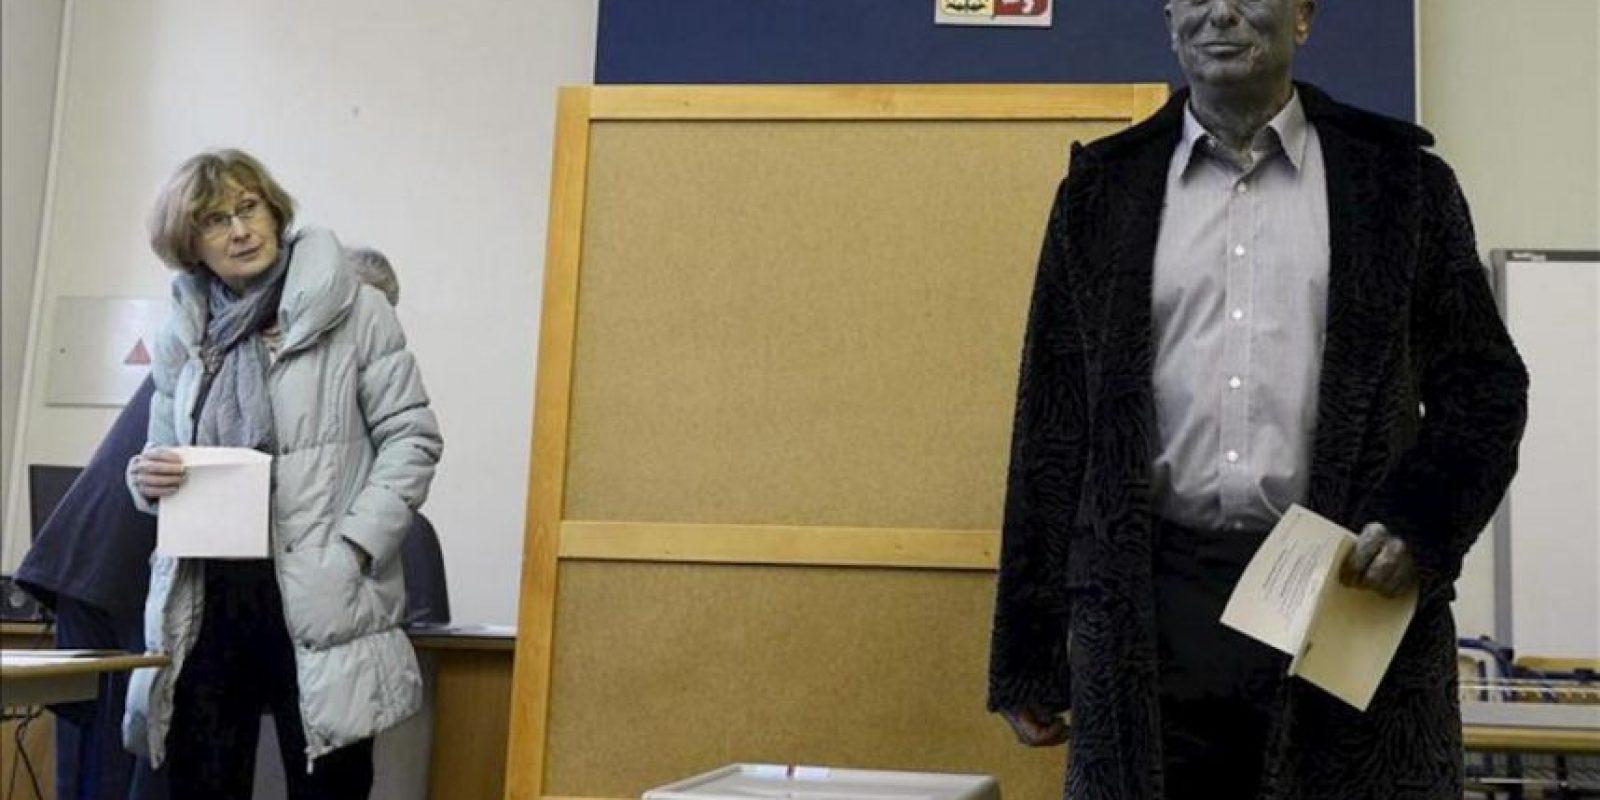 El artista, compositor y candidato a la presidencia checa, Vladimir Franz, vota durante la primera vuelta de las elecciones presidenciales en Praga, República Checa. EFE/Archivo